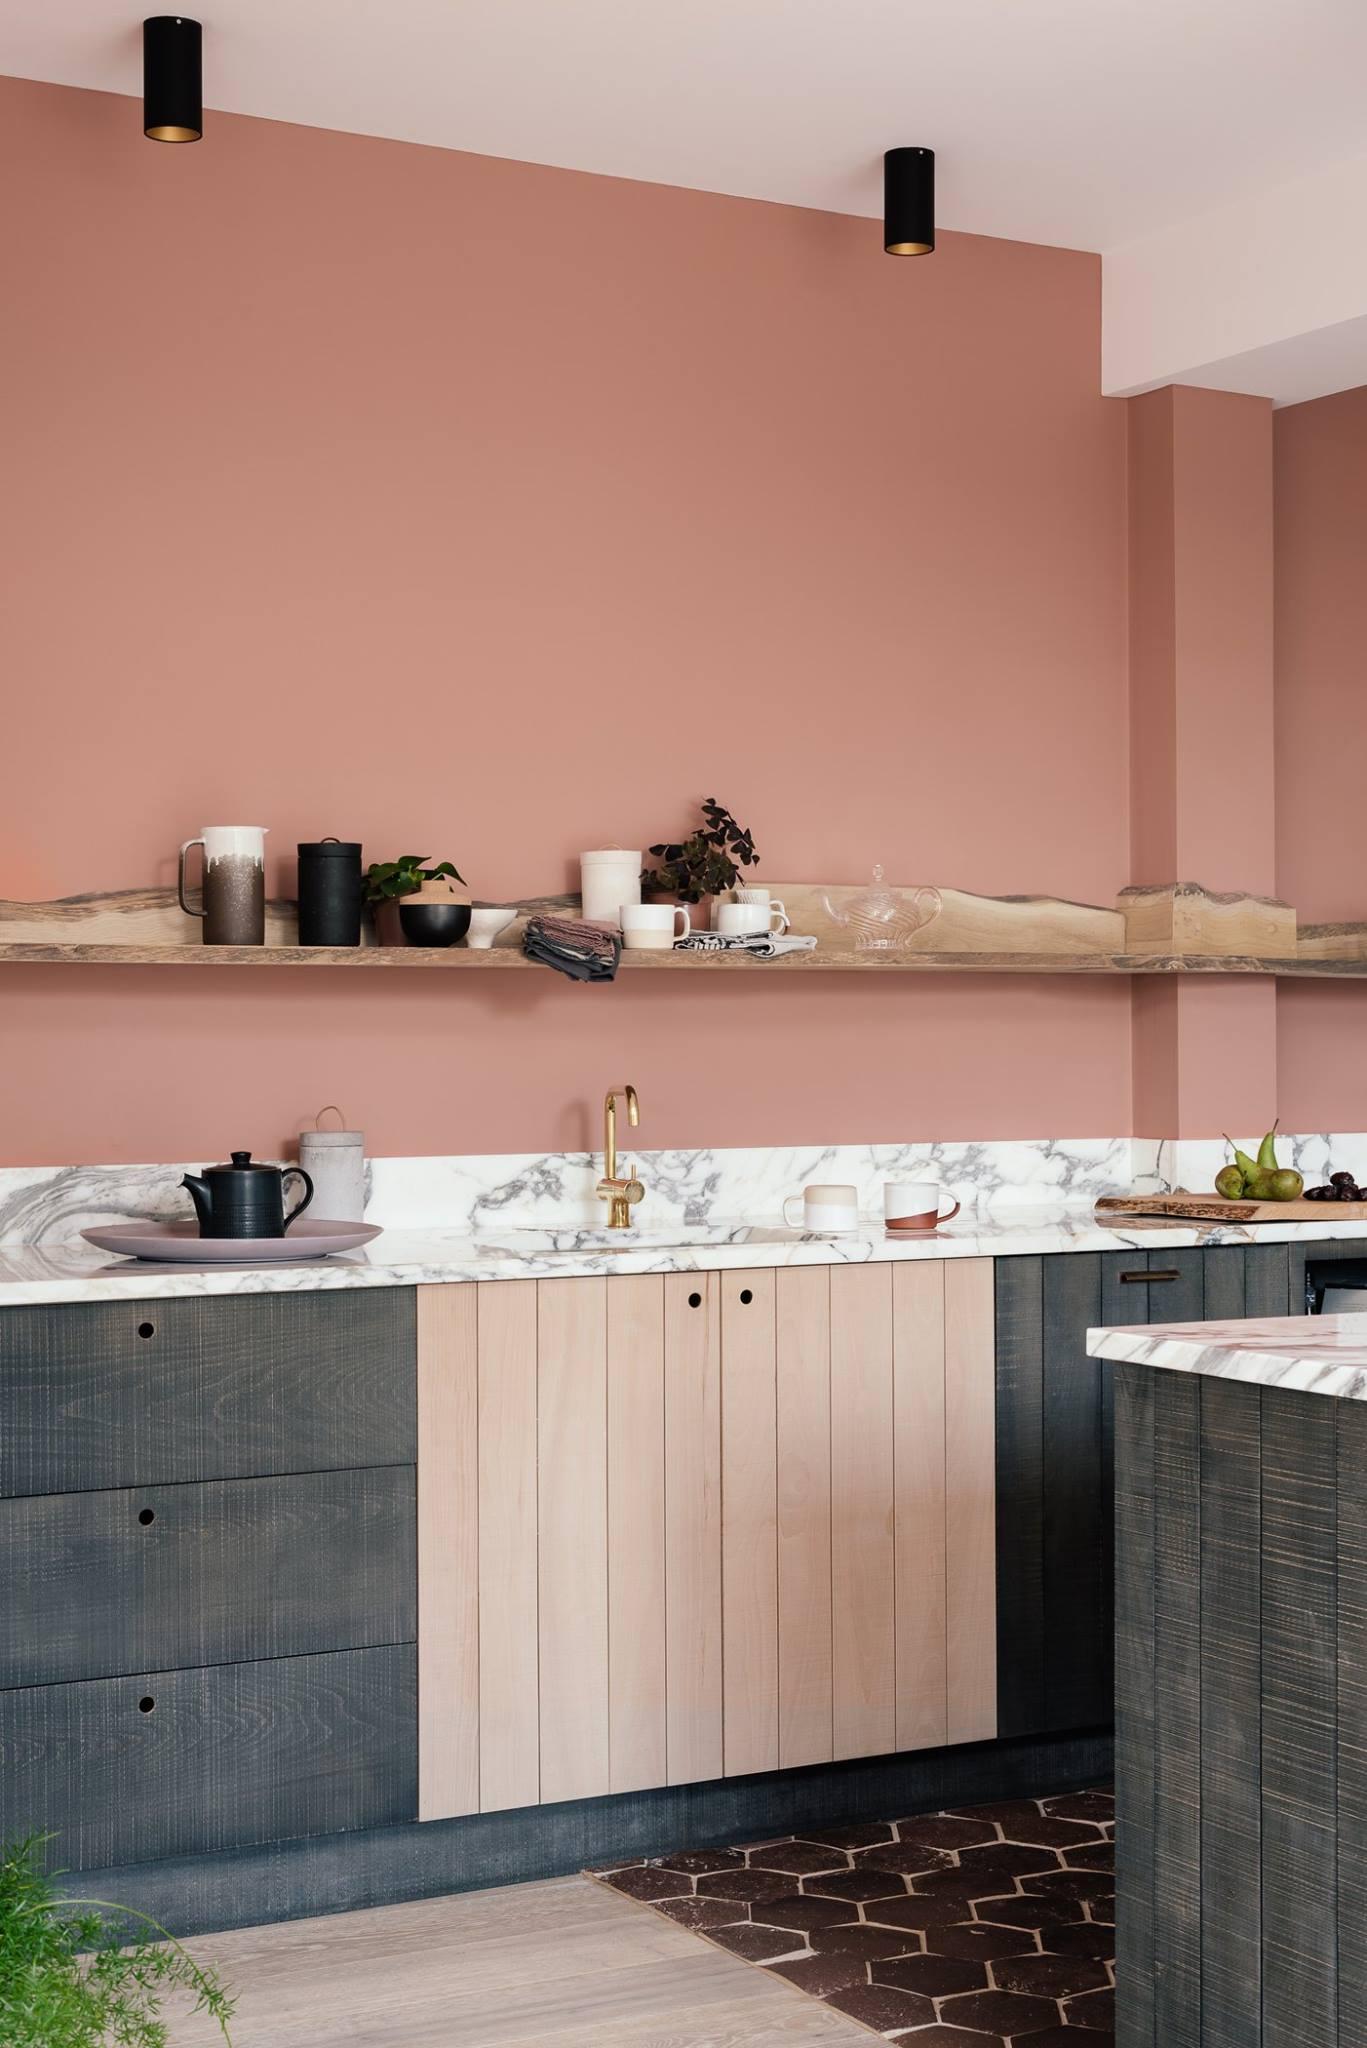 Piastrelle Per Parete Cucina cementine cucina: 20 idee di architetti per pavimenti e